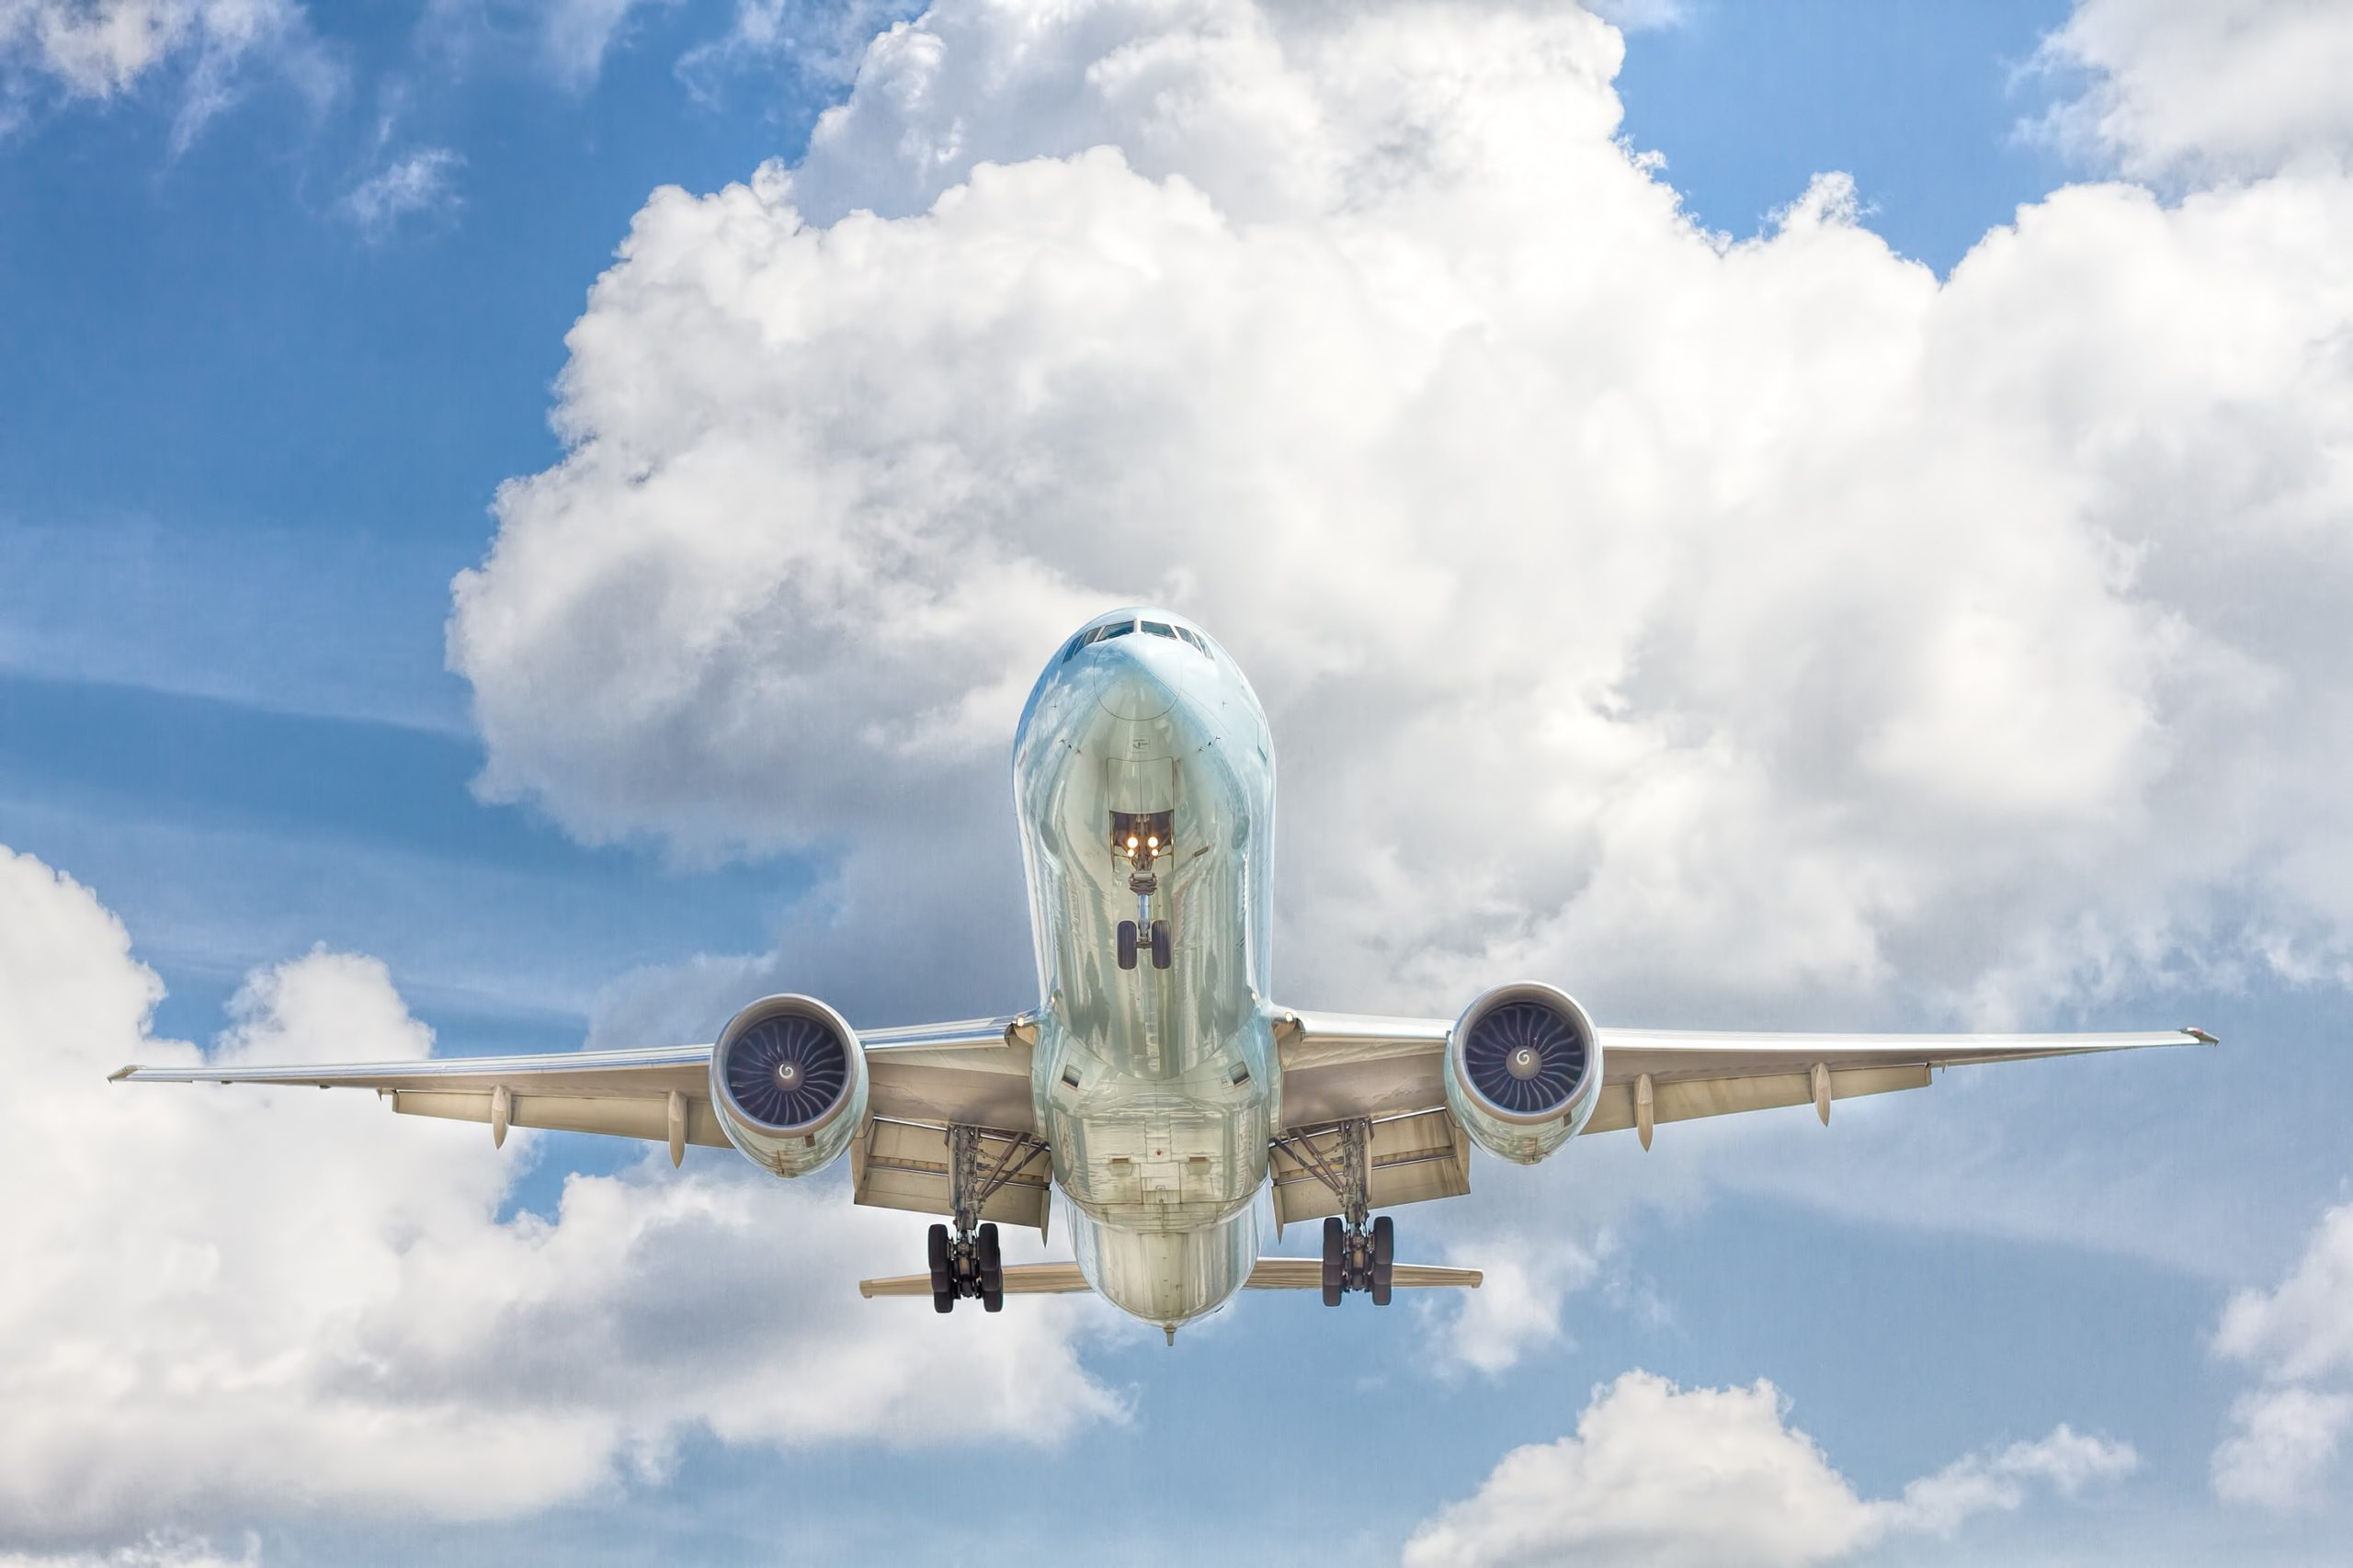 Boeing planuje tymczasowe zawieszenie produkcji samolotów pasażerskich 737  Max w styczniu